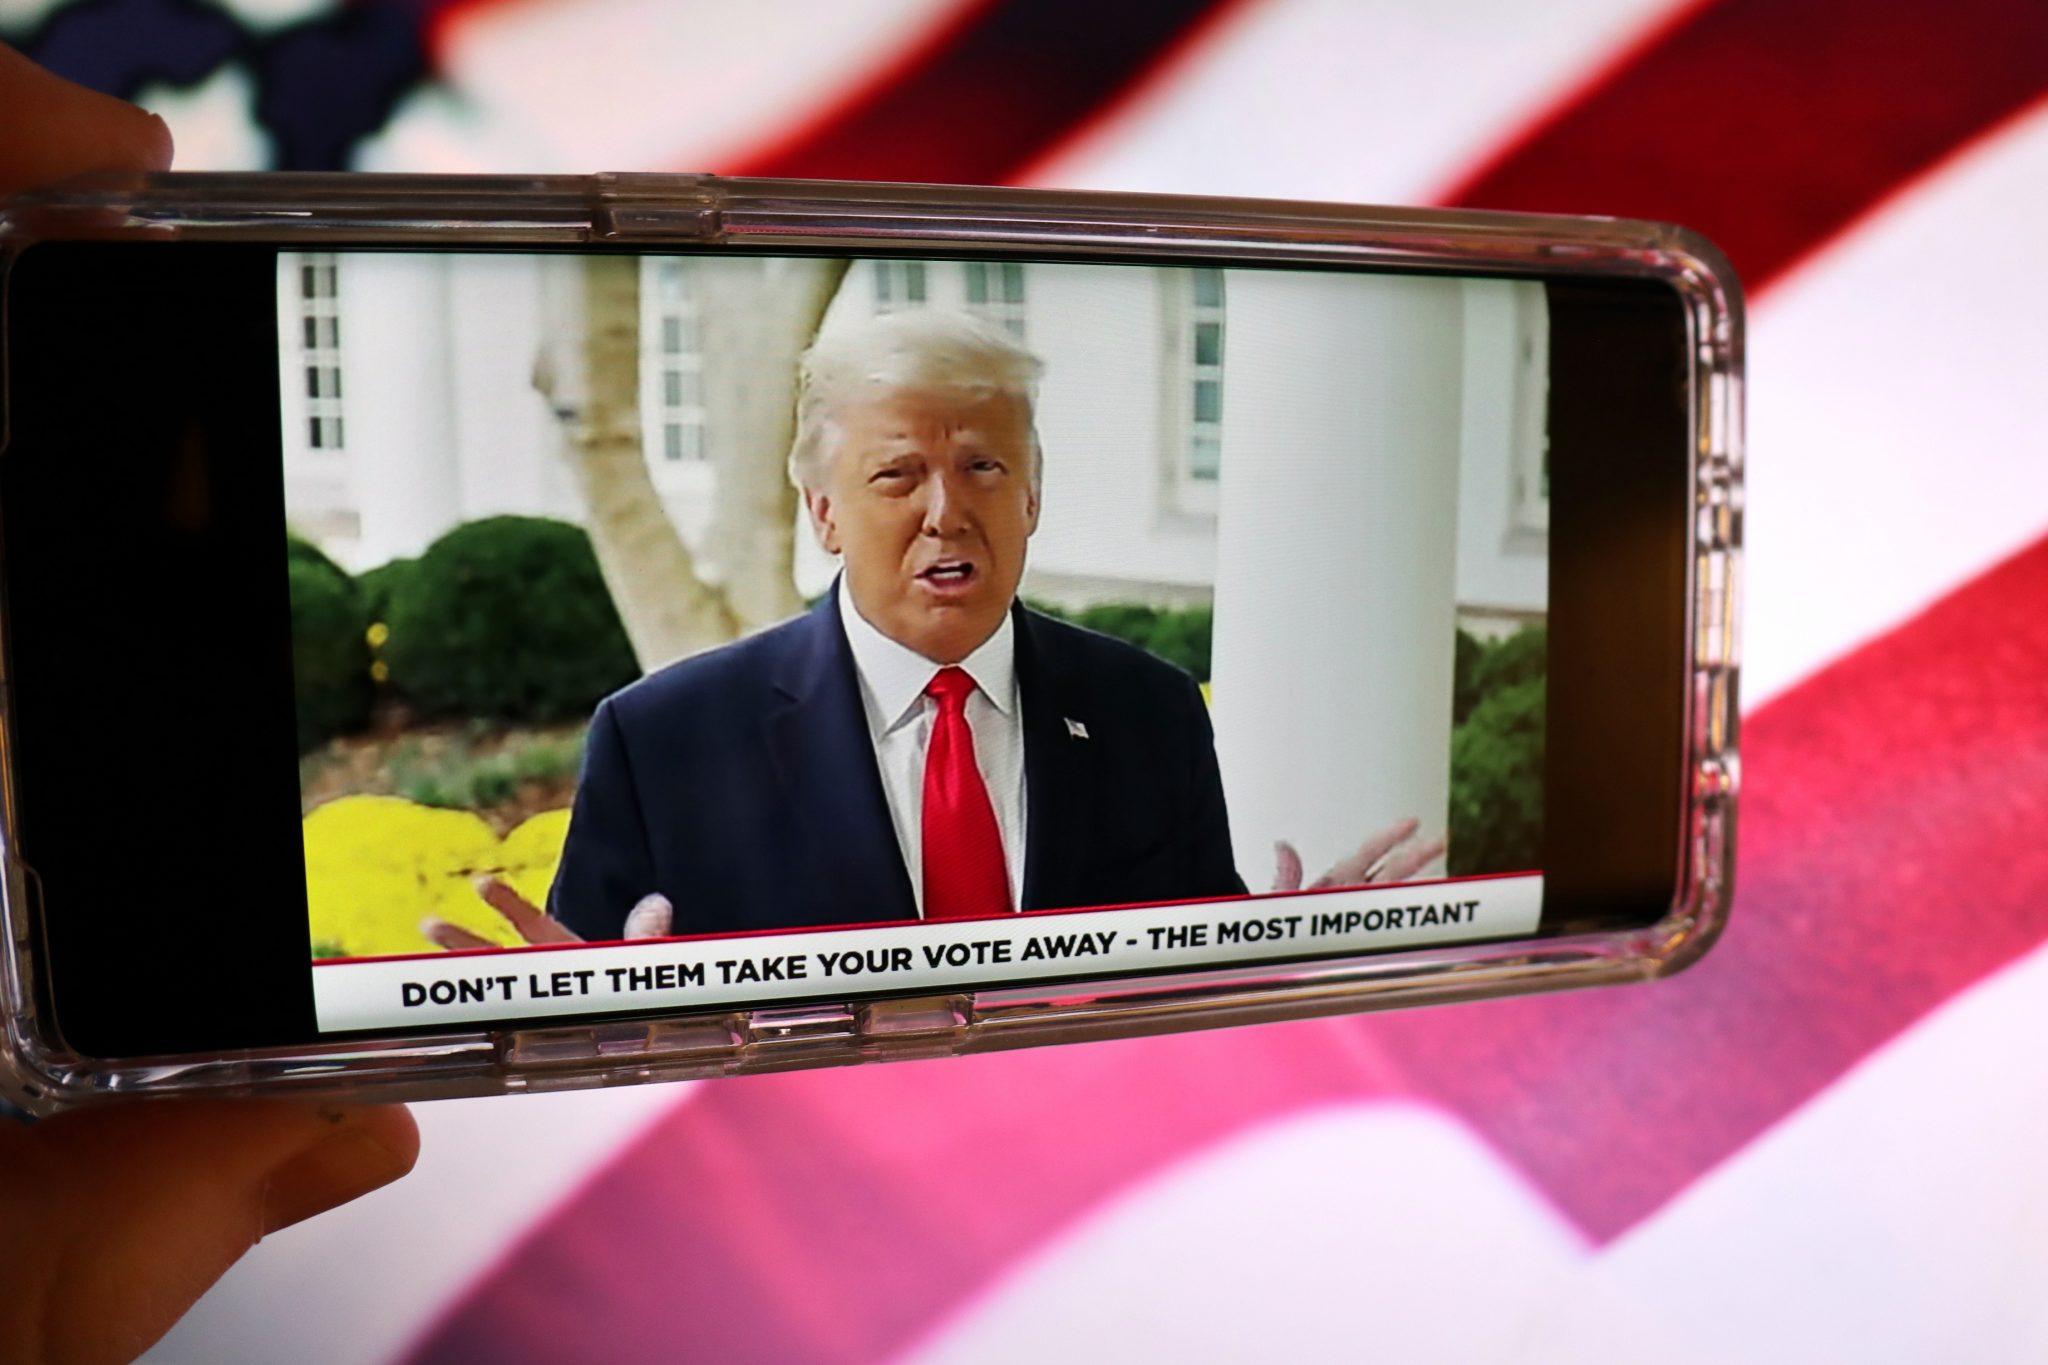 US-Präsident Donald Trump in einem YouTube-Video zur Wahl